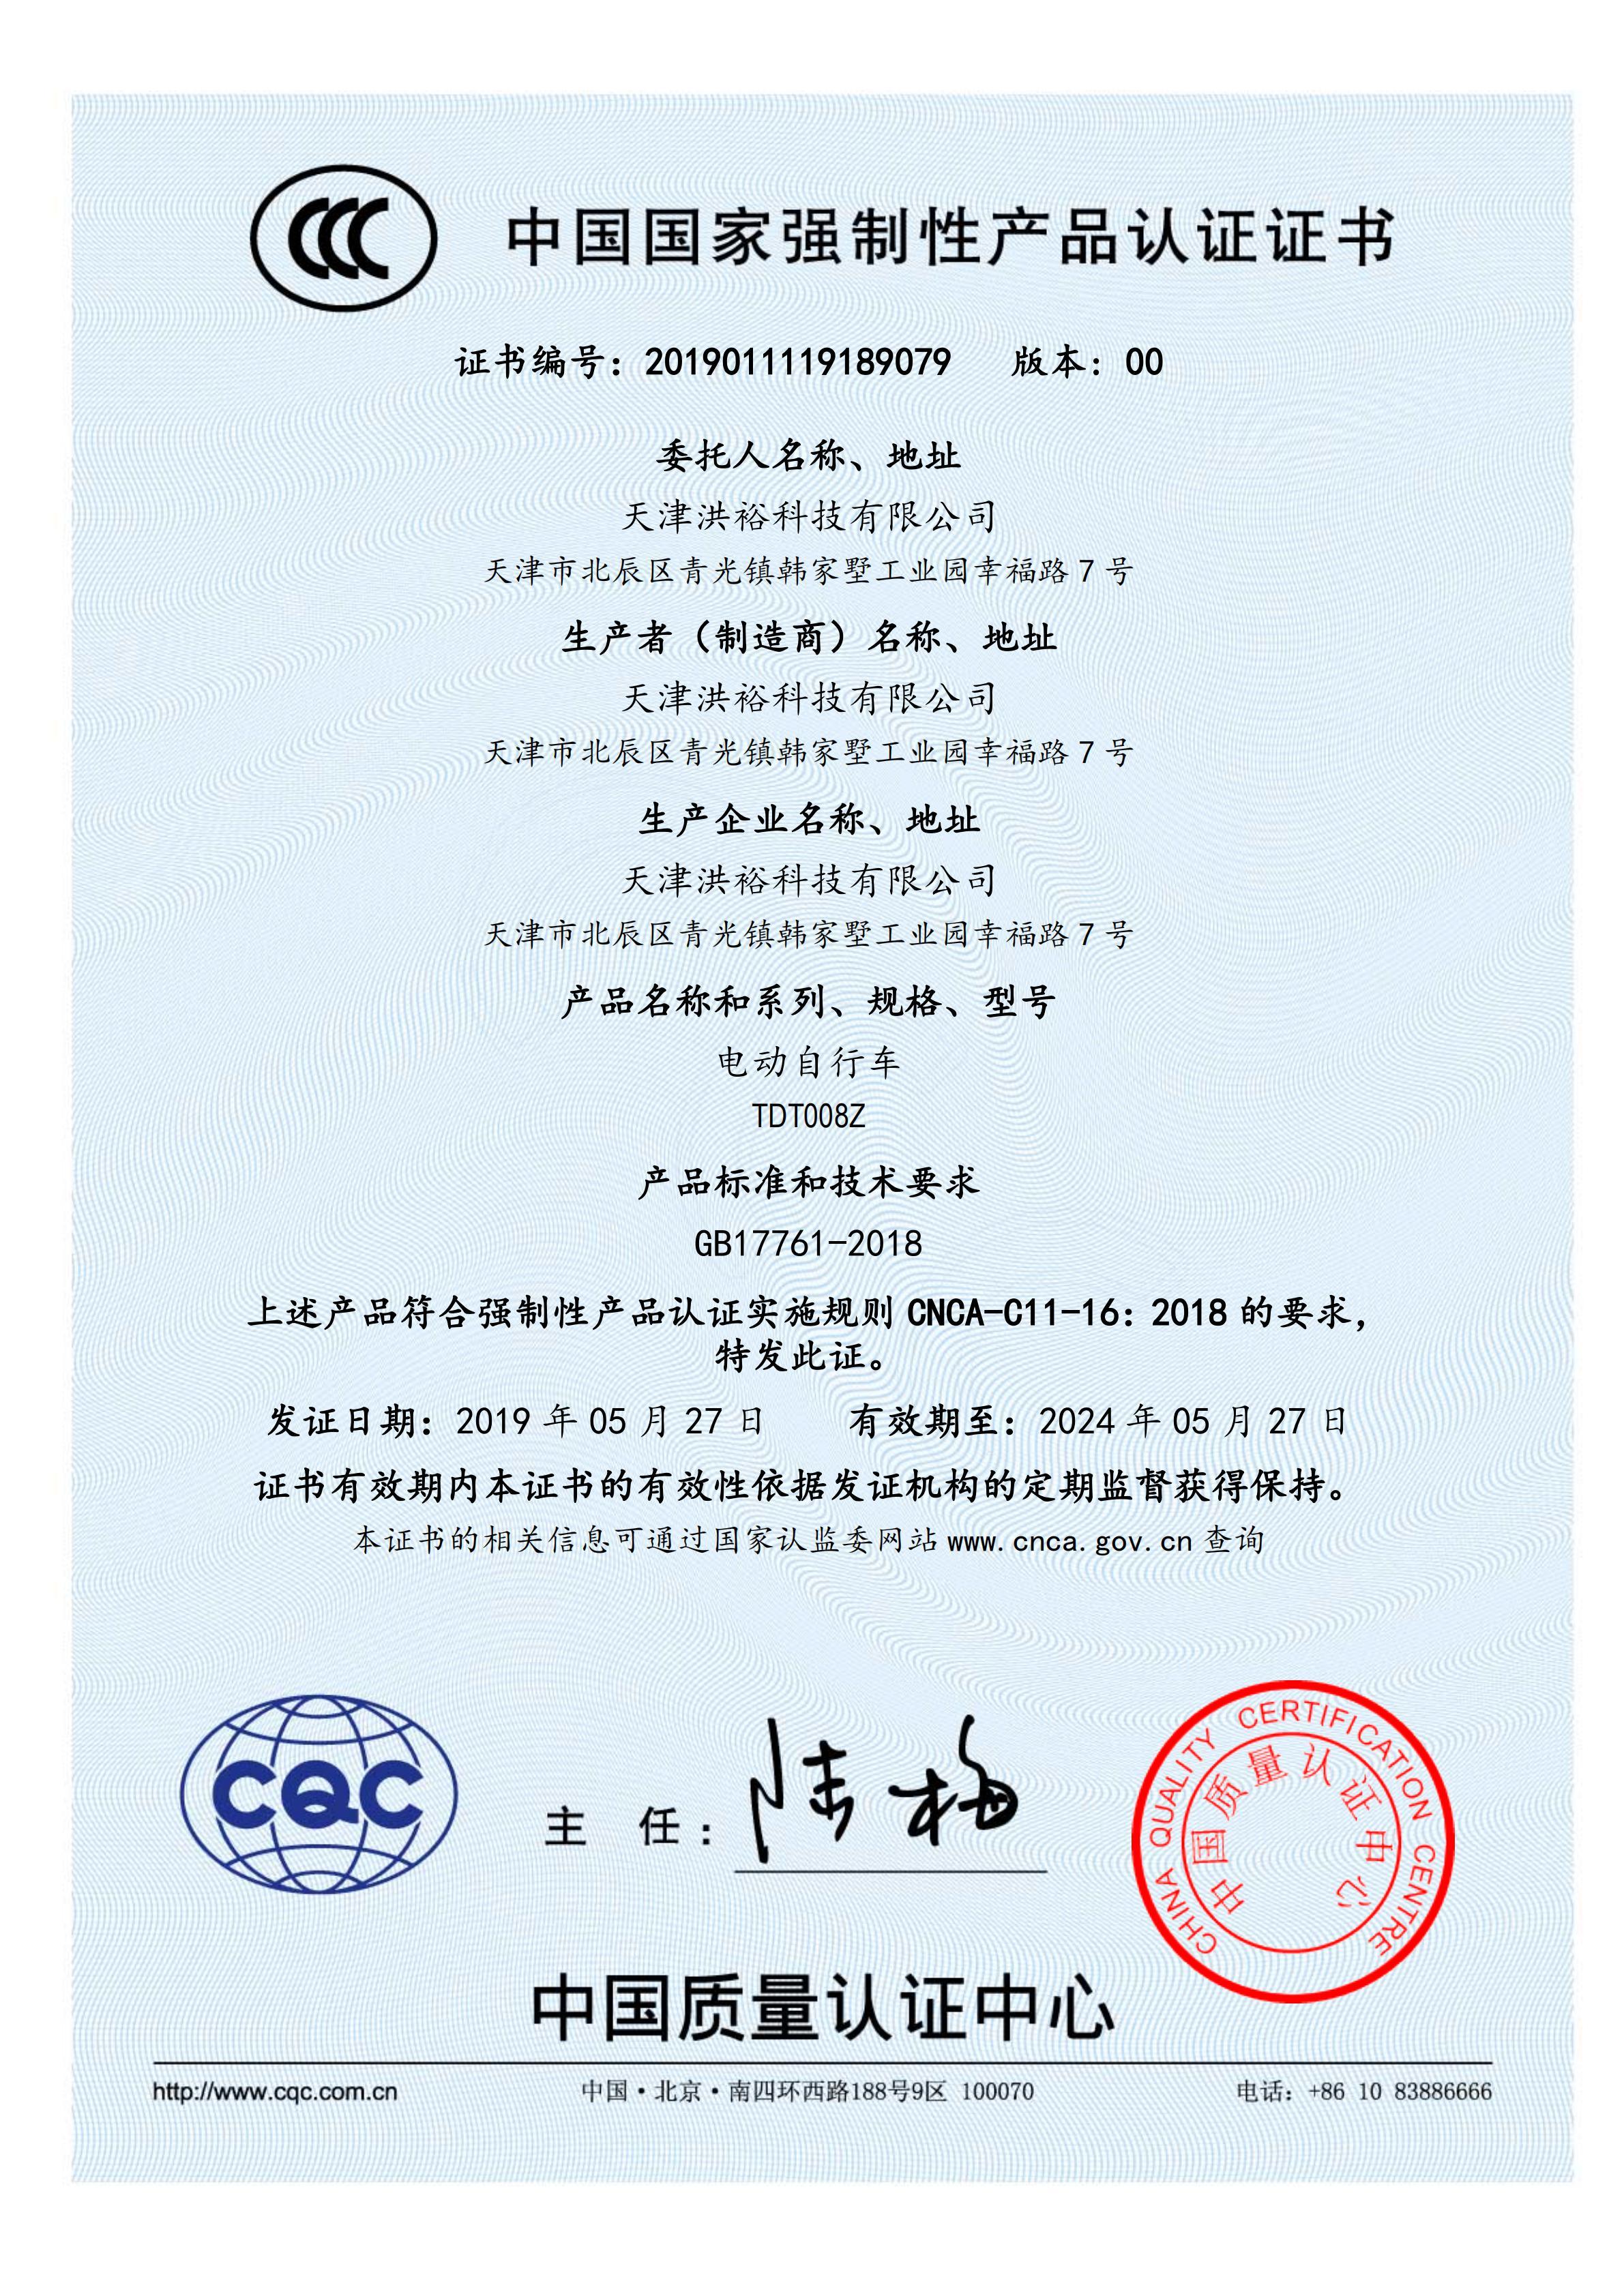 清悠3C认证证书